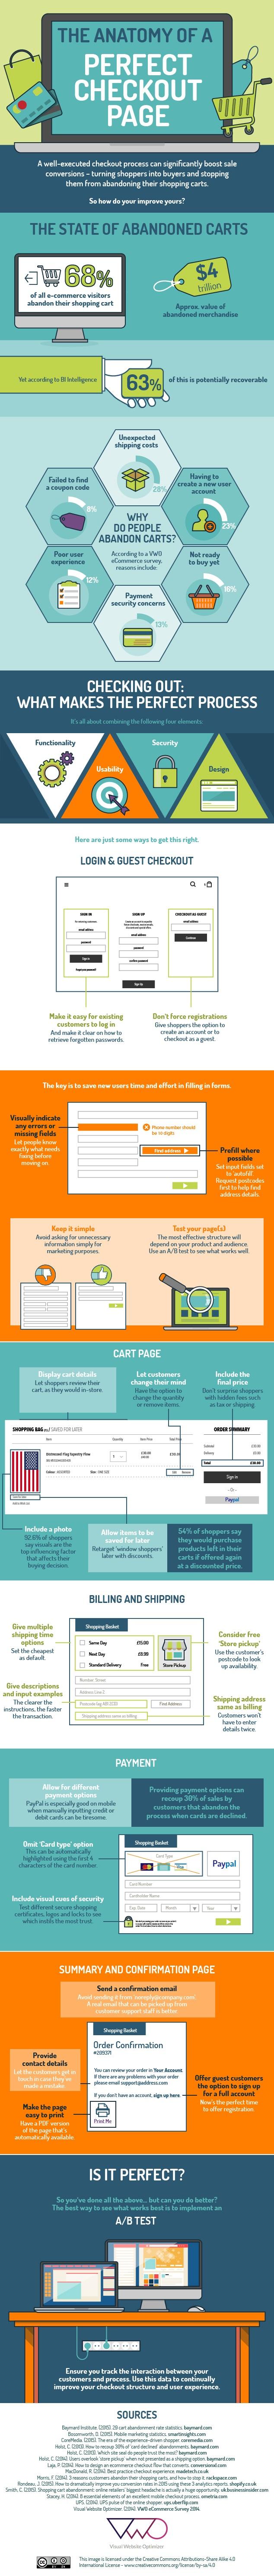 Top digital marketing data and case studies this week - Digital ...